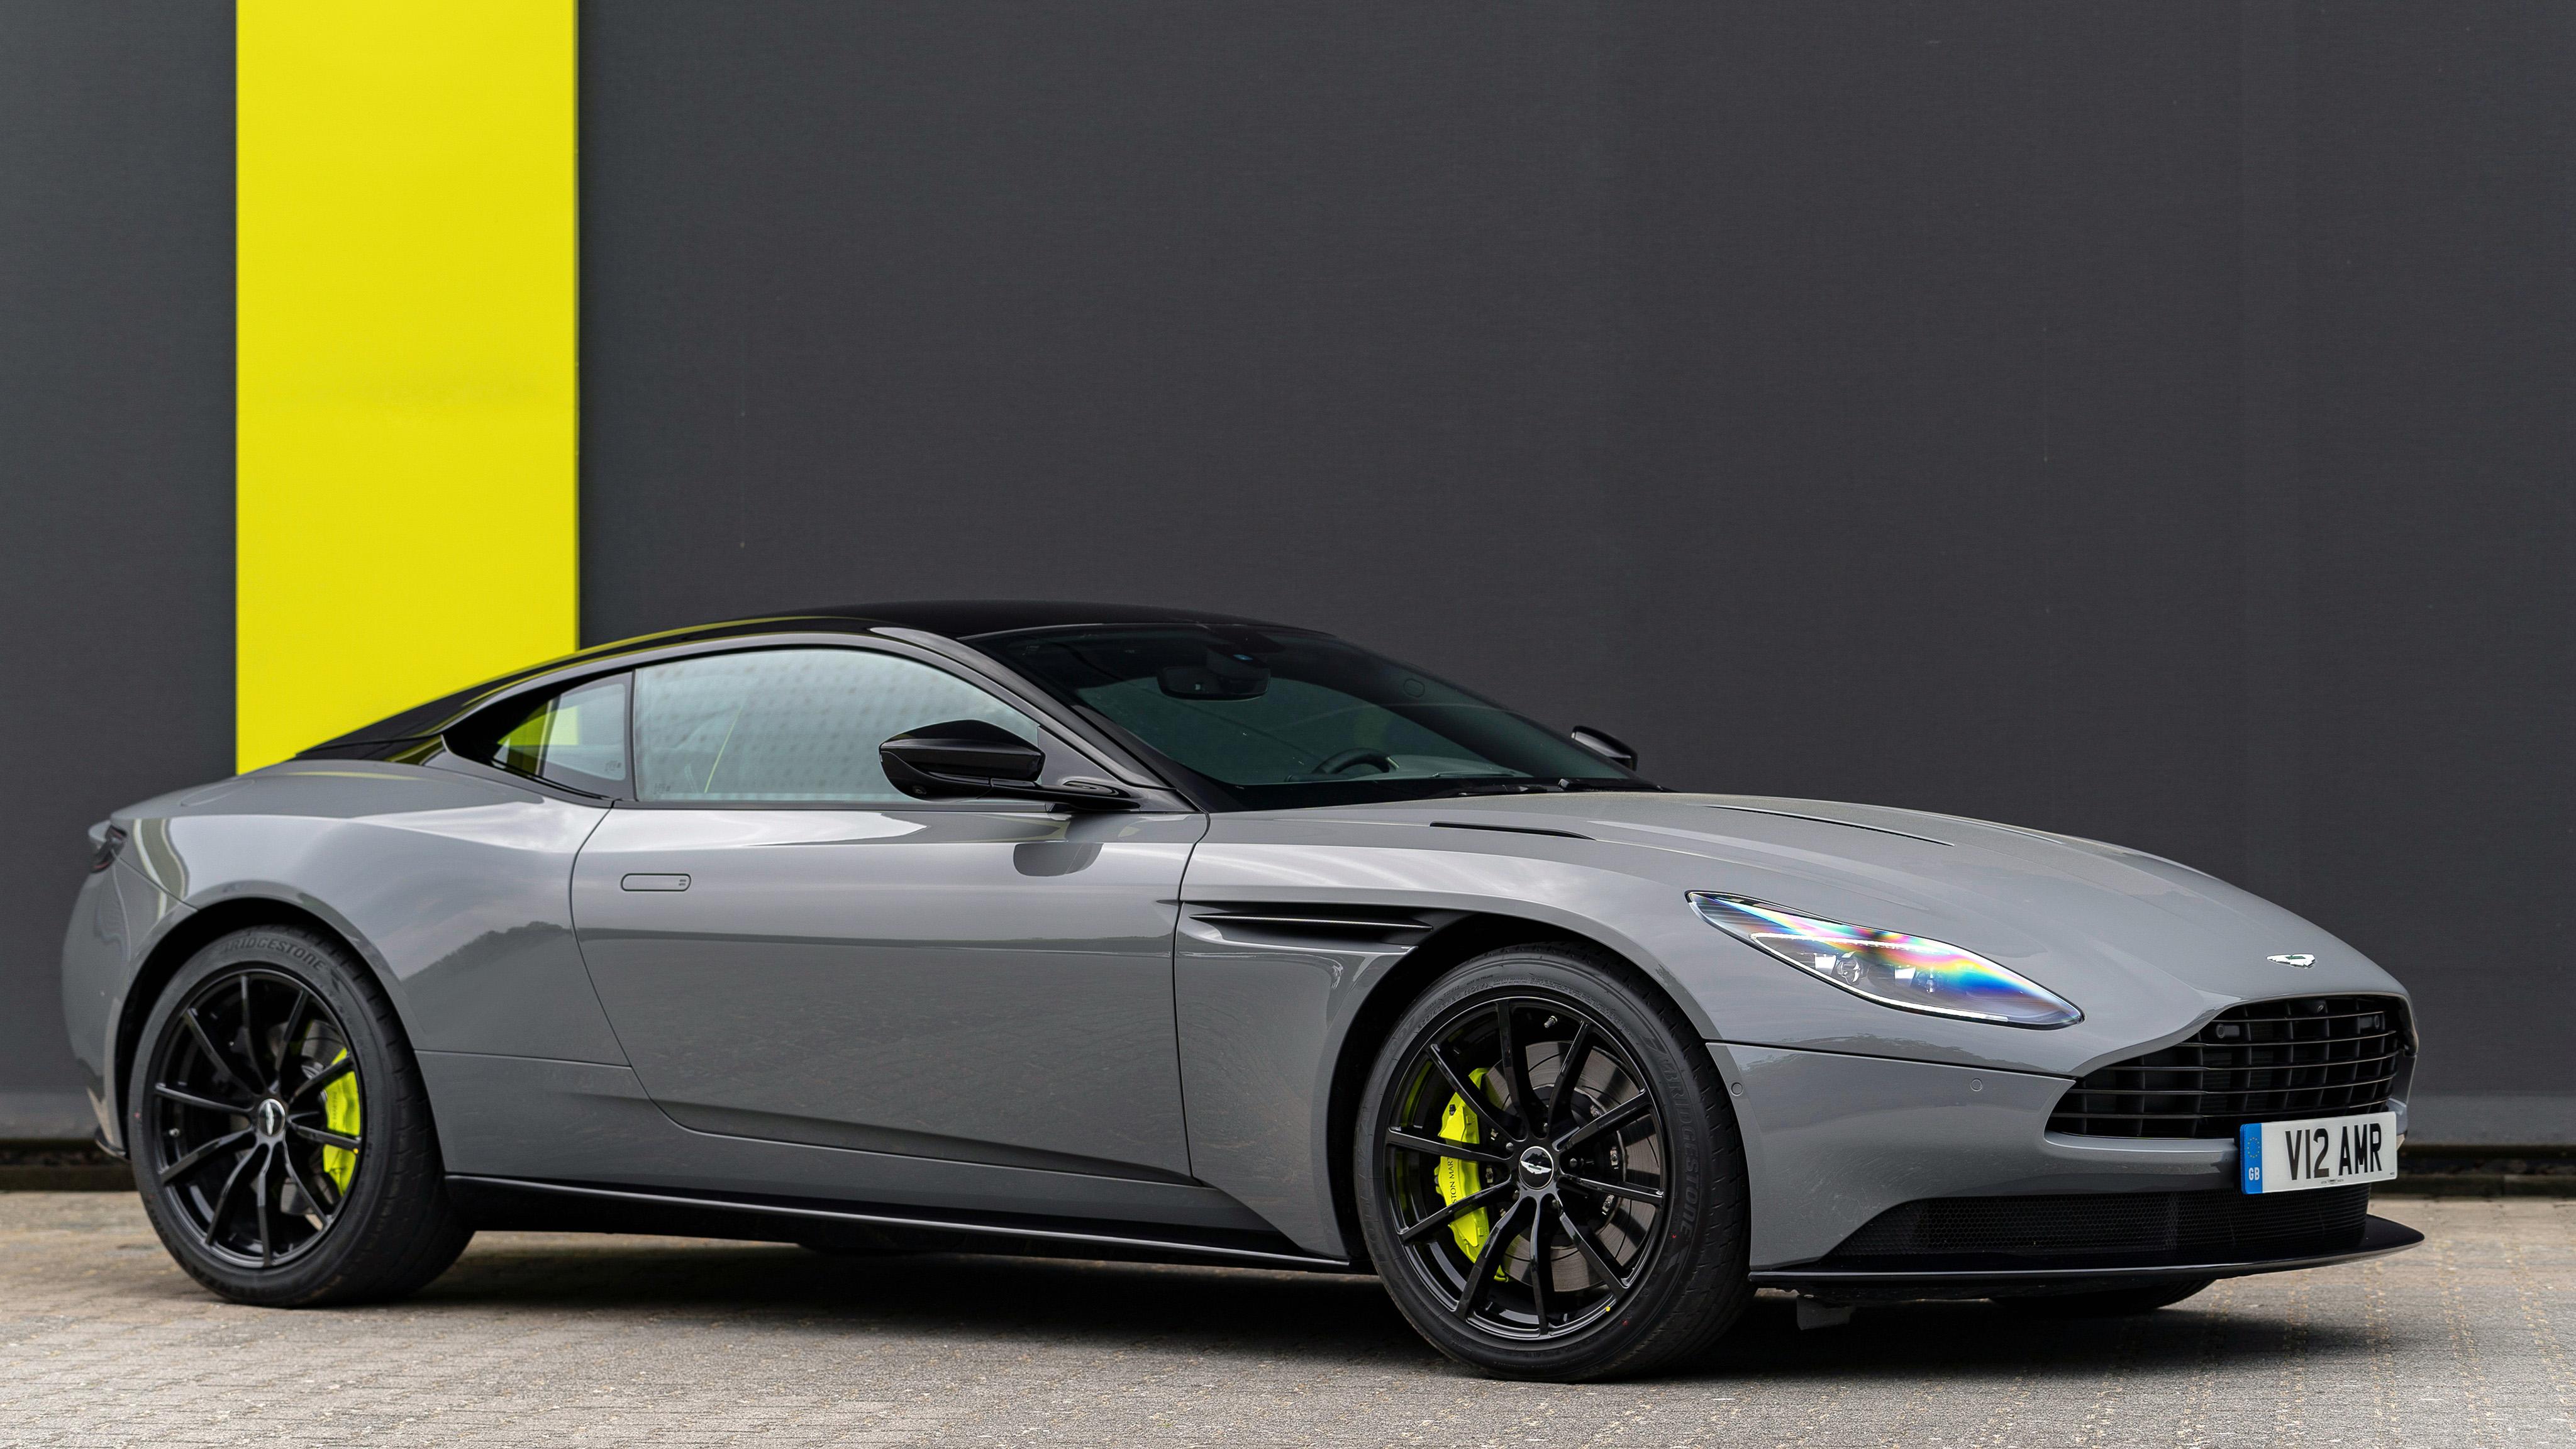 2018 Aston Martin Db11 Amr 4k 6 Wallpaper Hd Car Wallpapers Id 10469